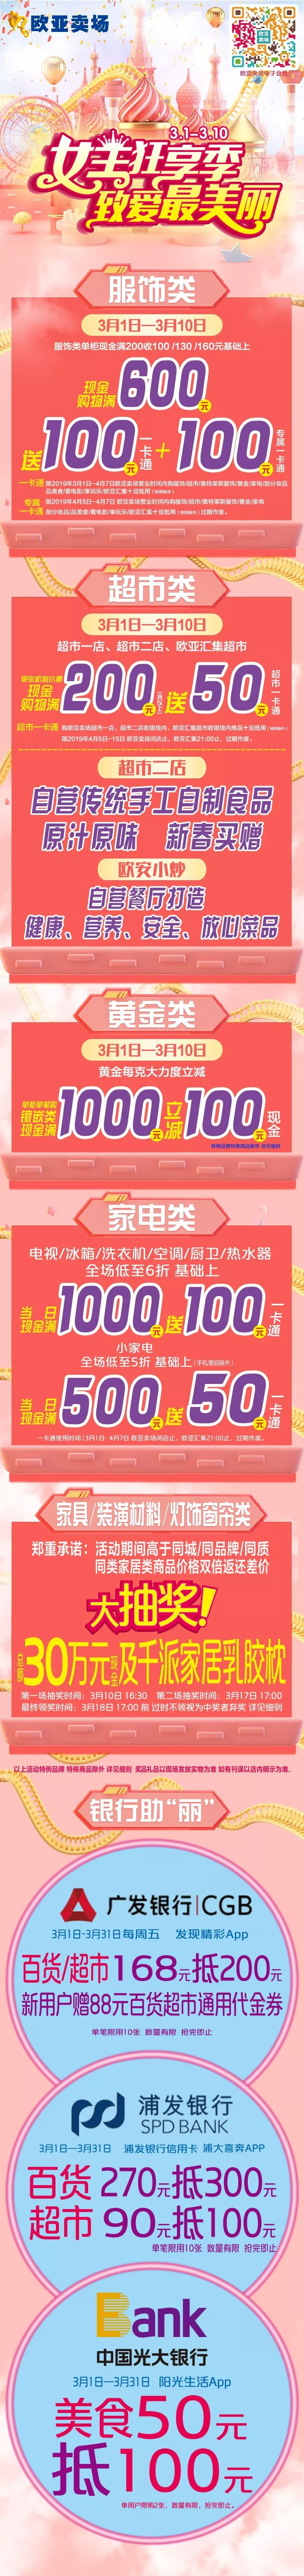 2019长春妇女节欧亚卖场打折优惠活动